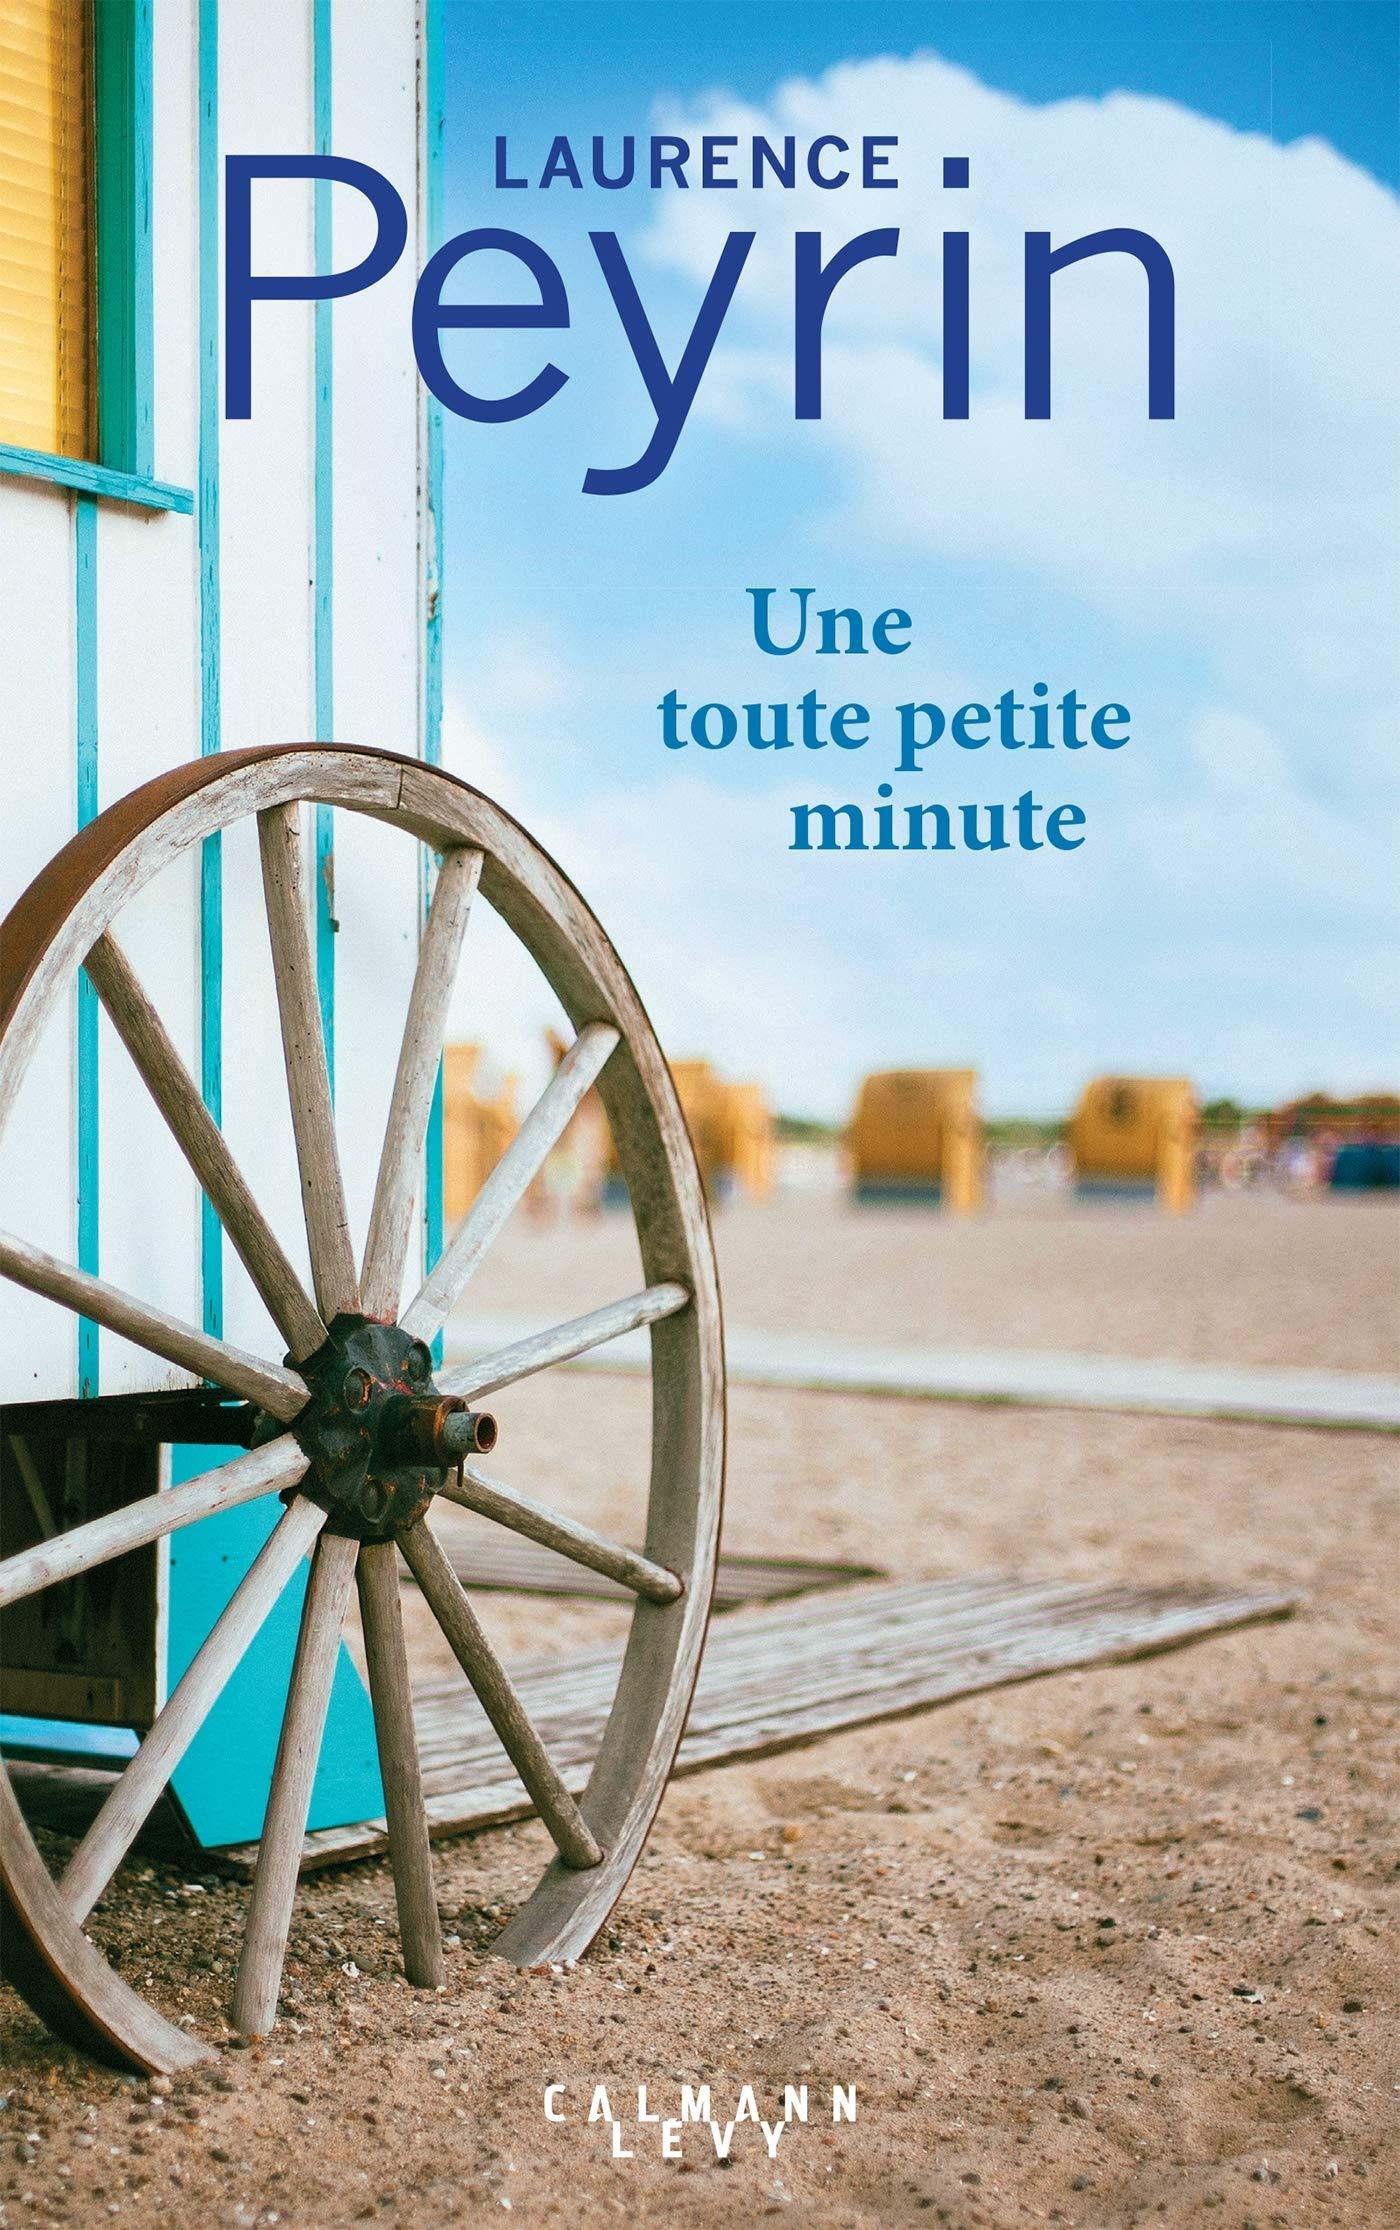 Amazon.fr - Une toute petite minute - Peyrin, Laurence - Livres